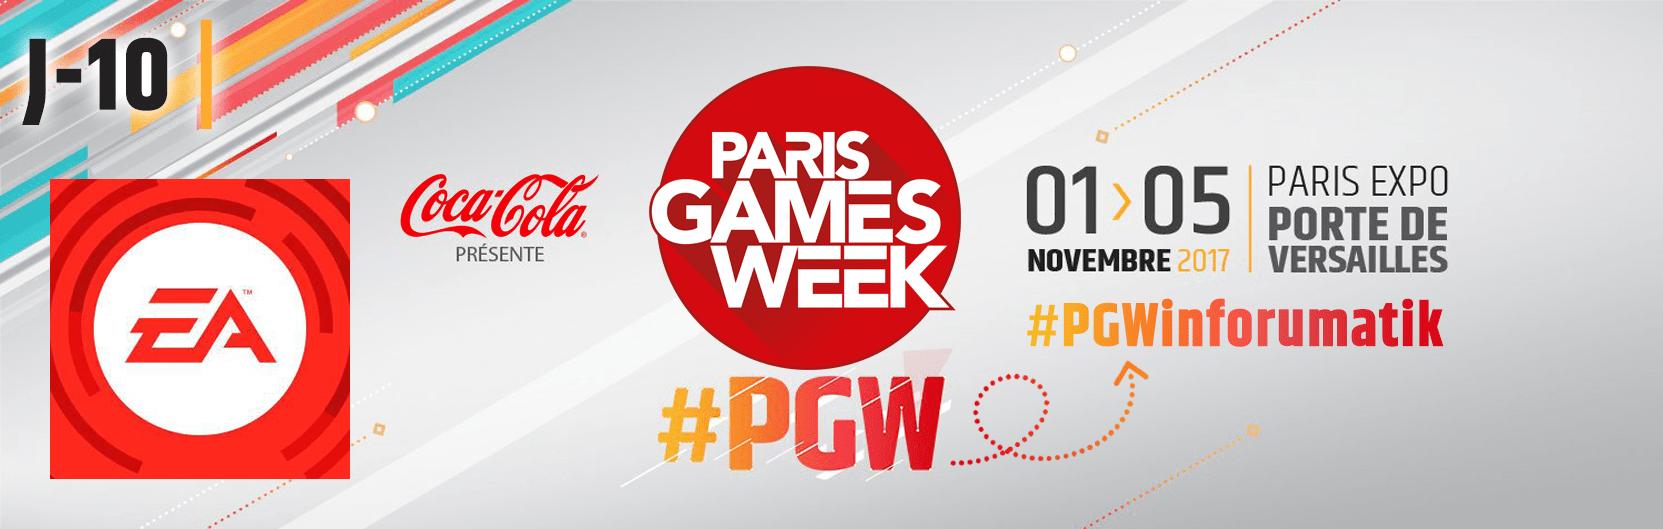 [J-10] Paris Games Week 2017 : Electronic Arts